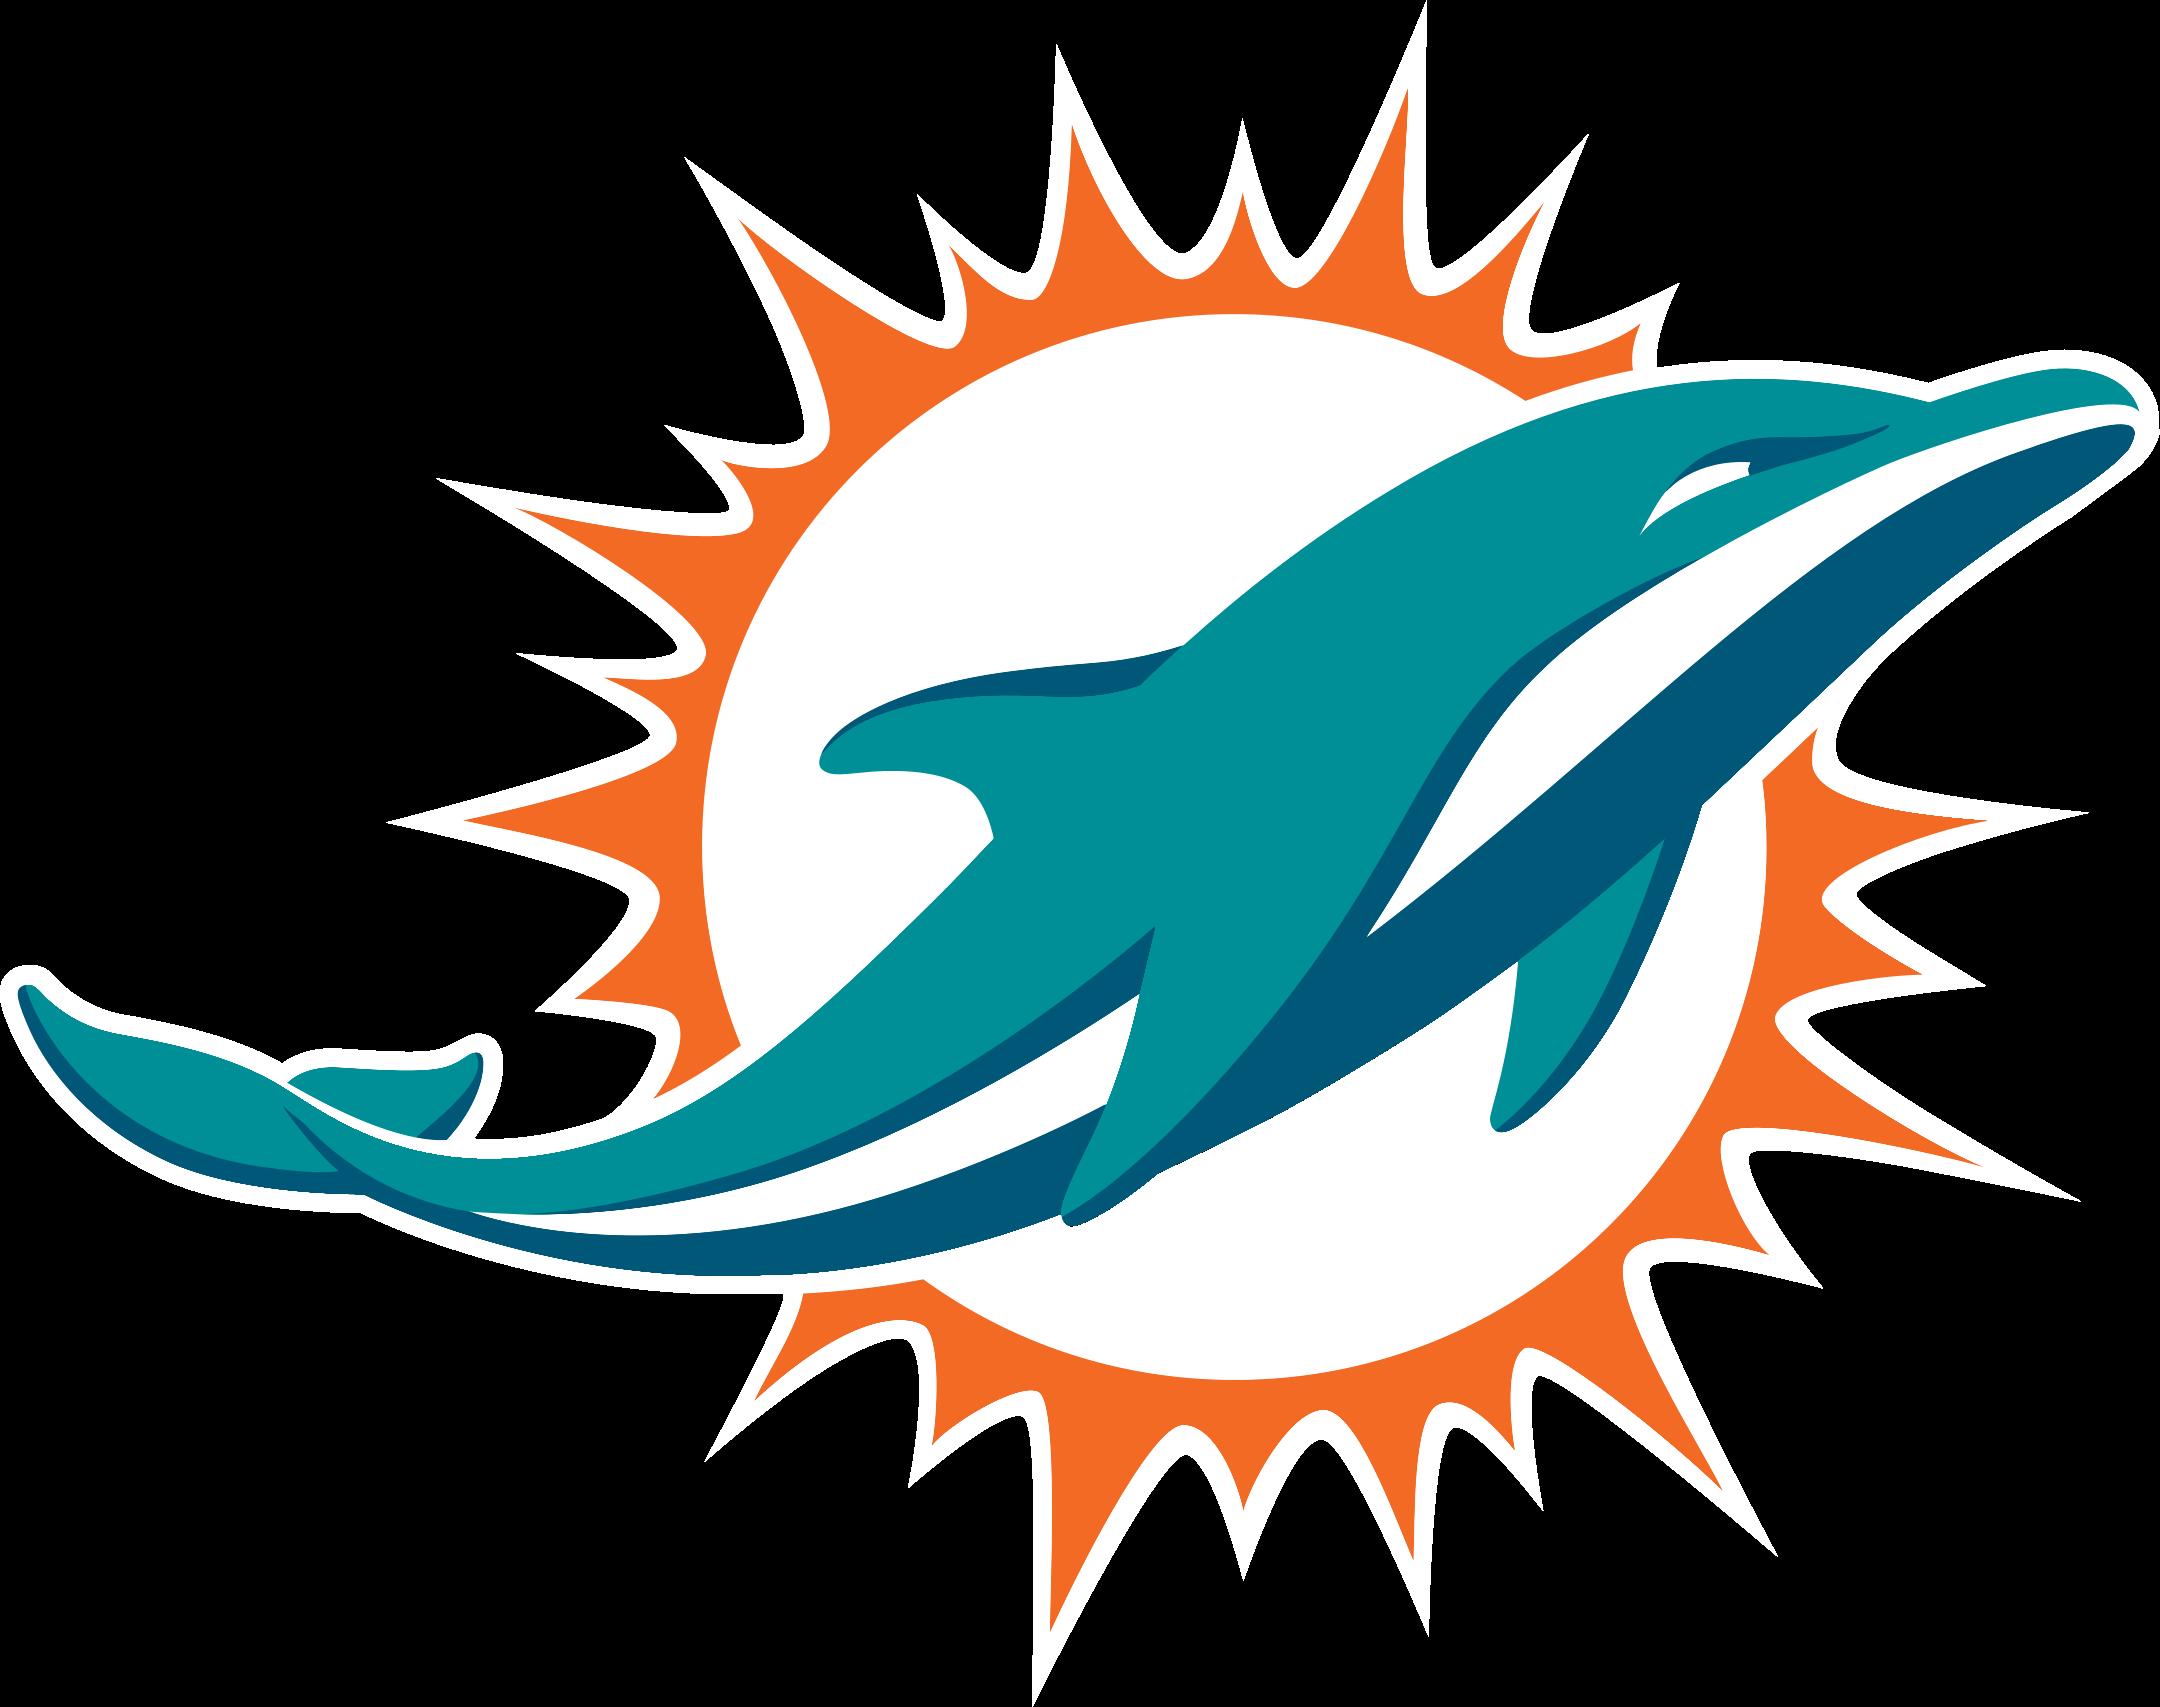 miami dolphins logo 1 - Miami Dolphins Logo